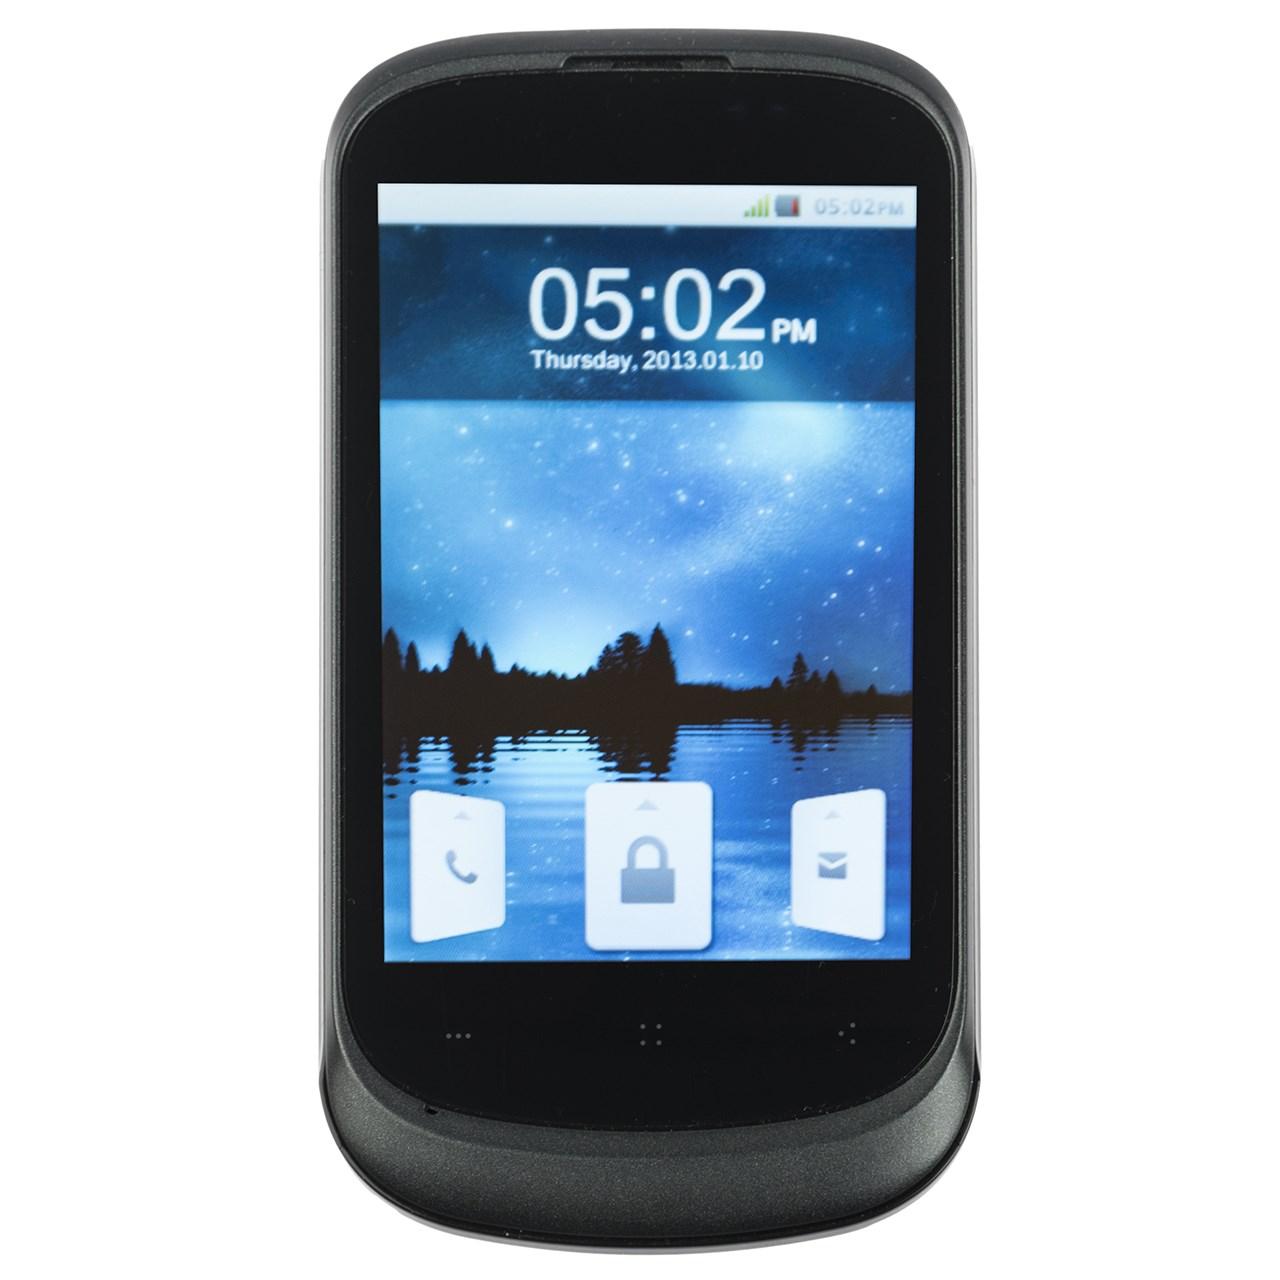 گوشی موبایل مارشال مدل ME-363 دو سیم کارت